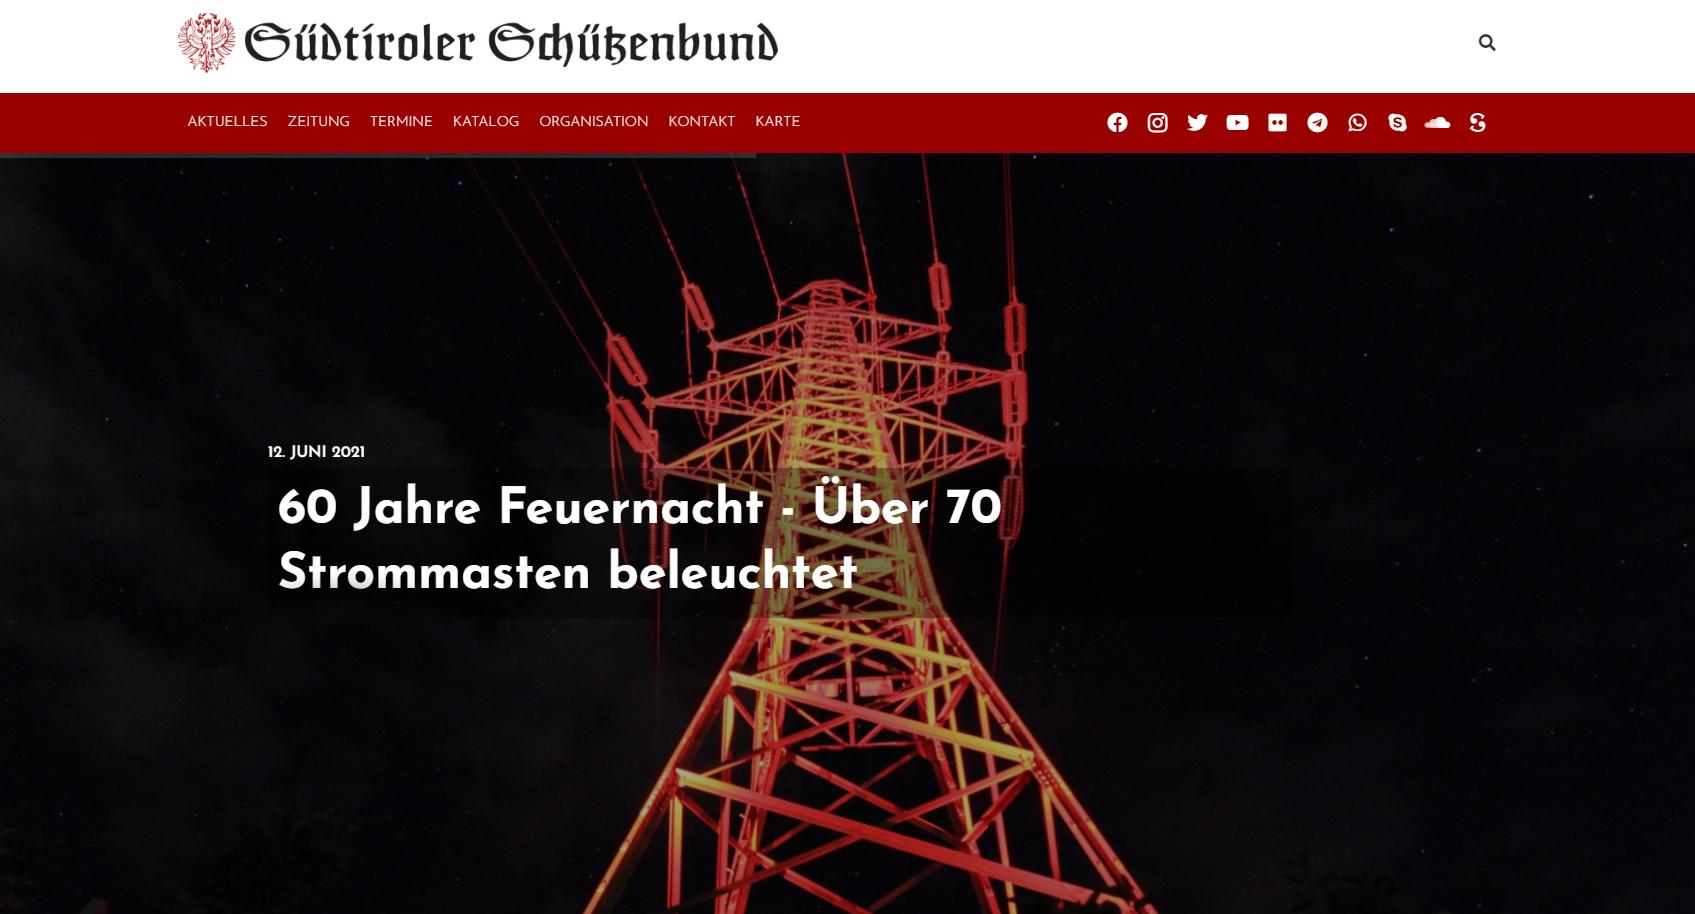 (Bild: Südtiroler Schützenbund)